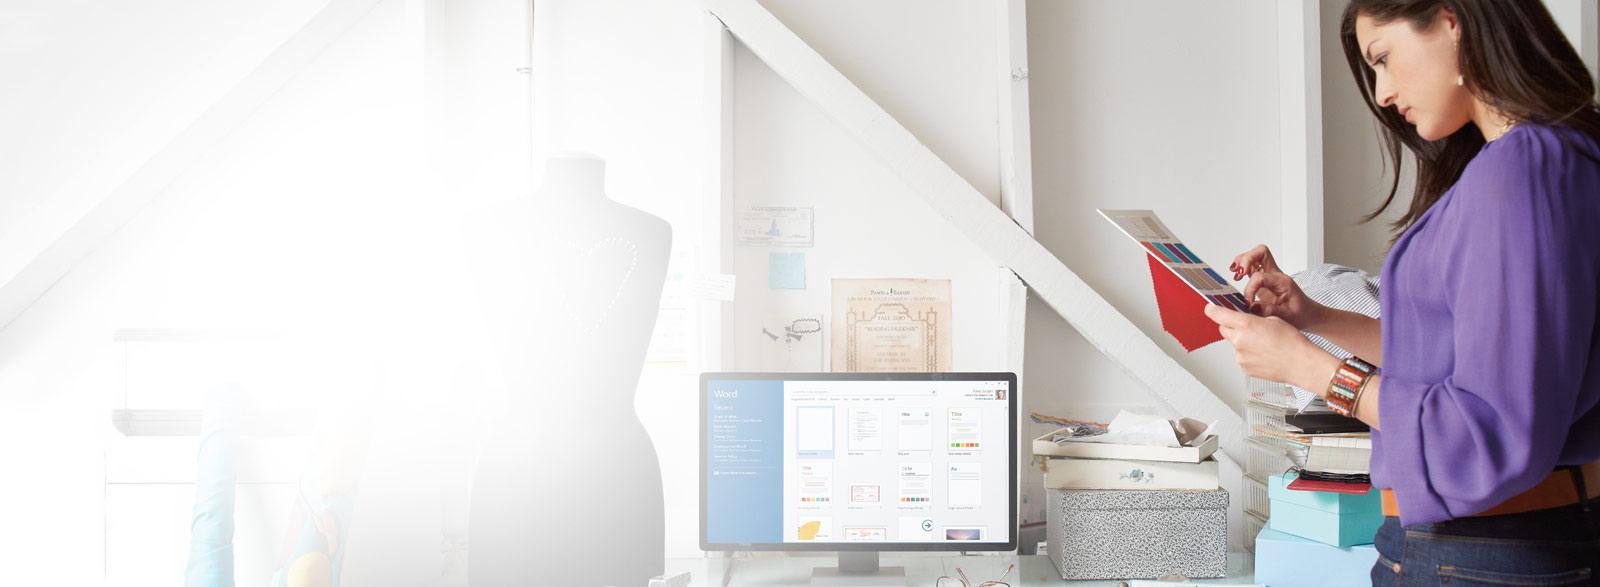 """""""Office 365 Business"""": išsamios """"Office"""" taikomosios programos įvairiuose įrenginiuose ir failų saugojimas bei bendrinimas."""